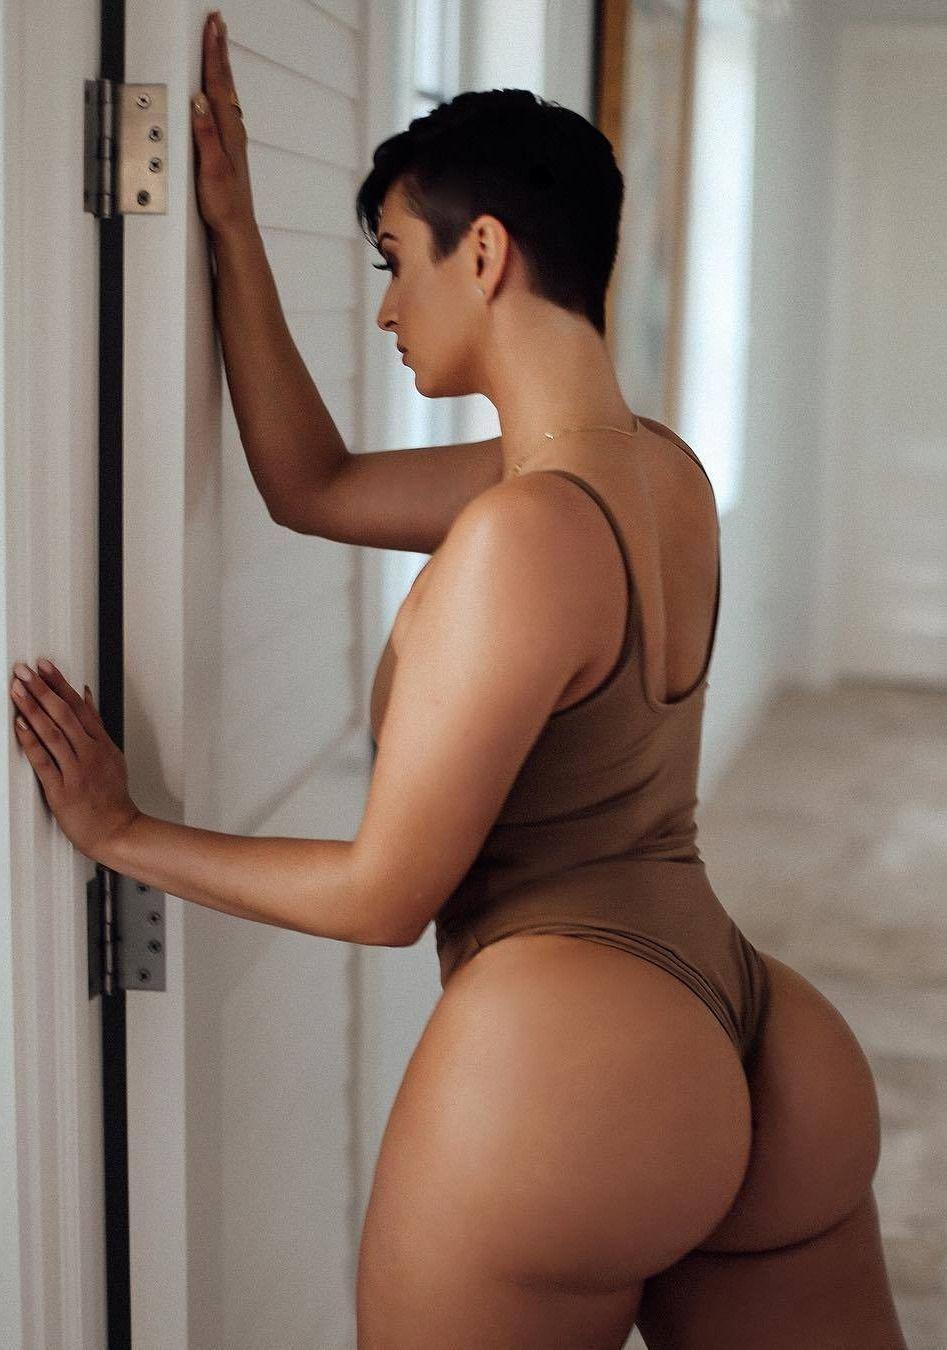 Sexxy big booty